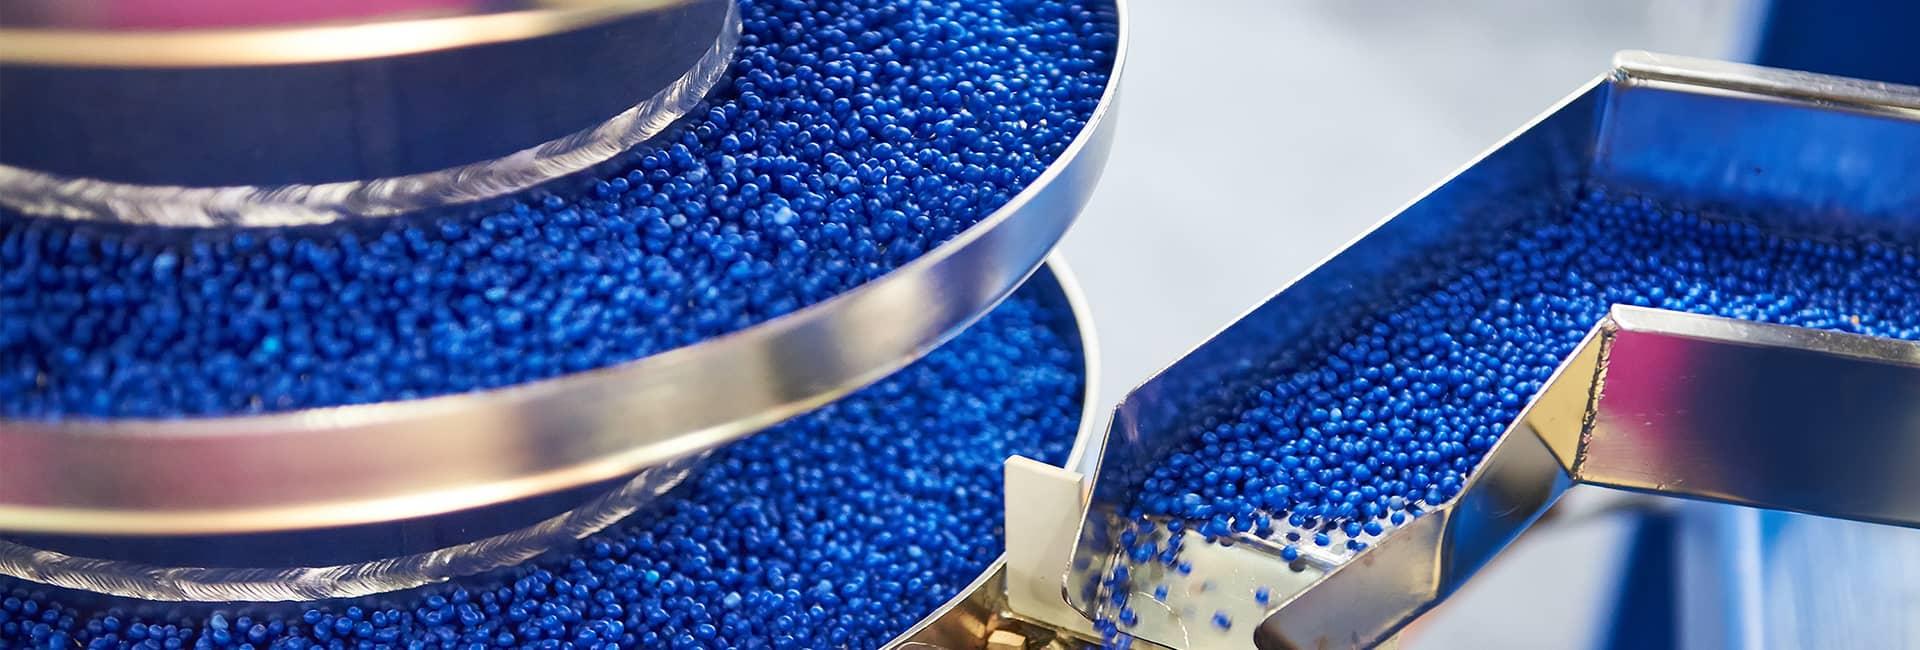 LDPE-PE Granules _5_